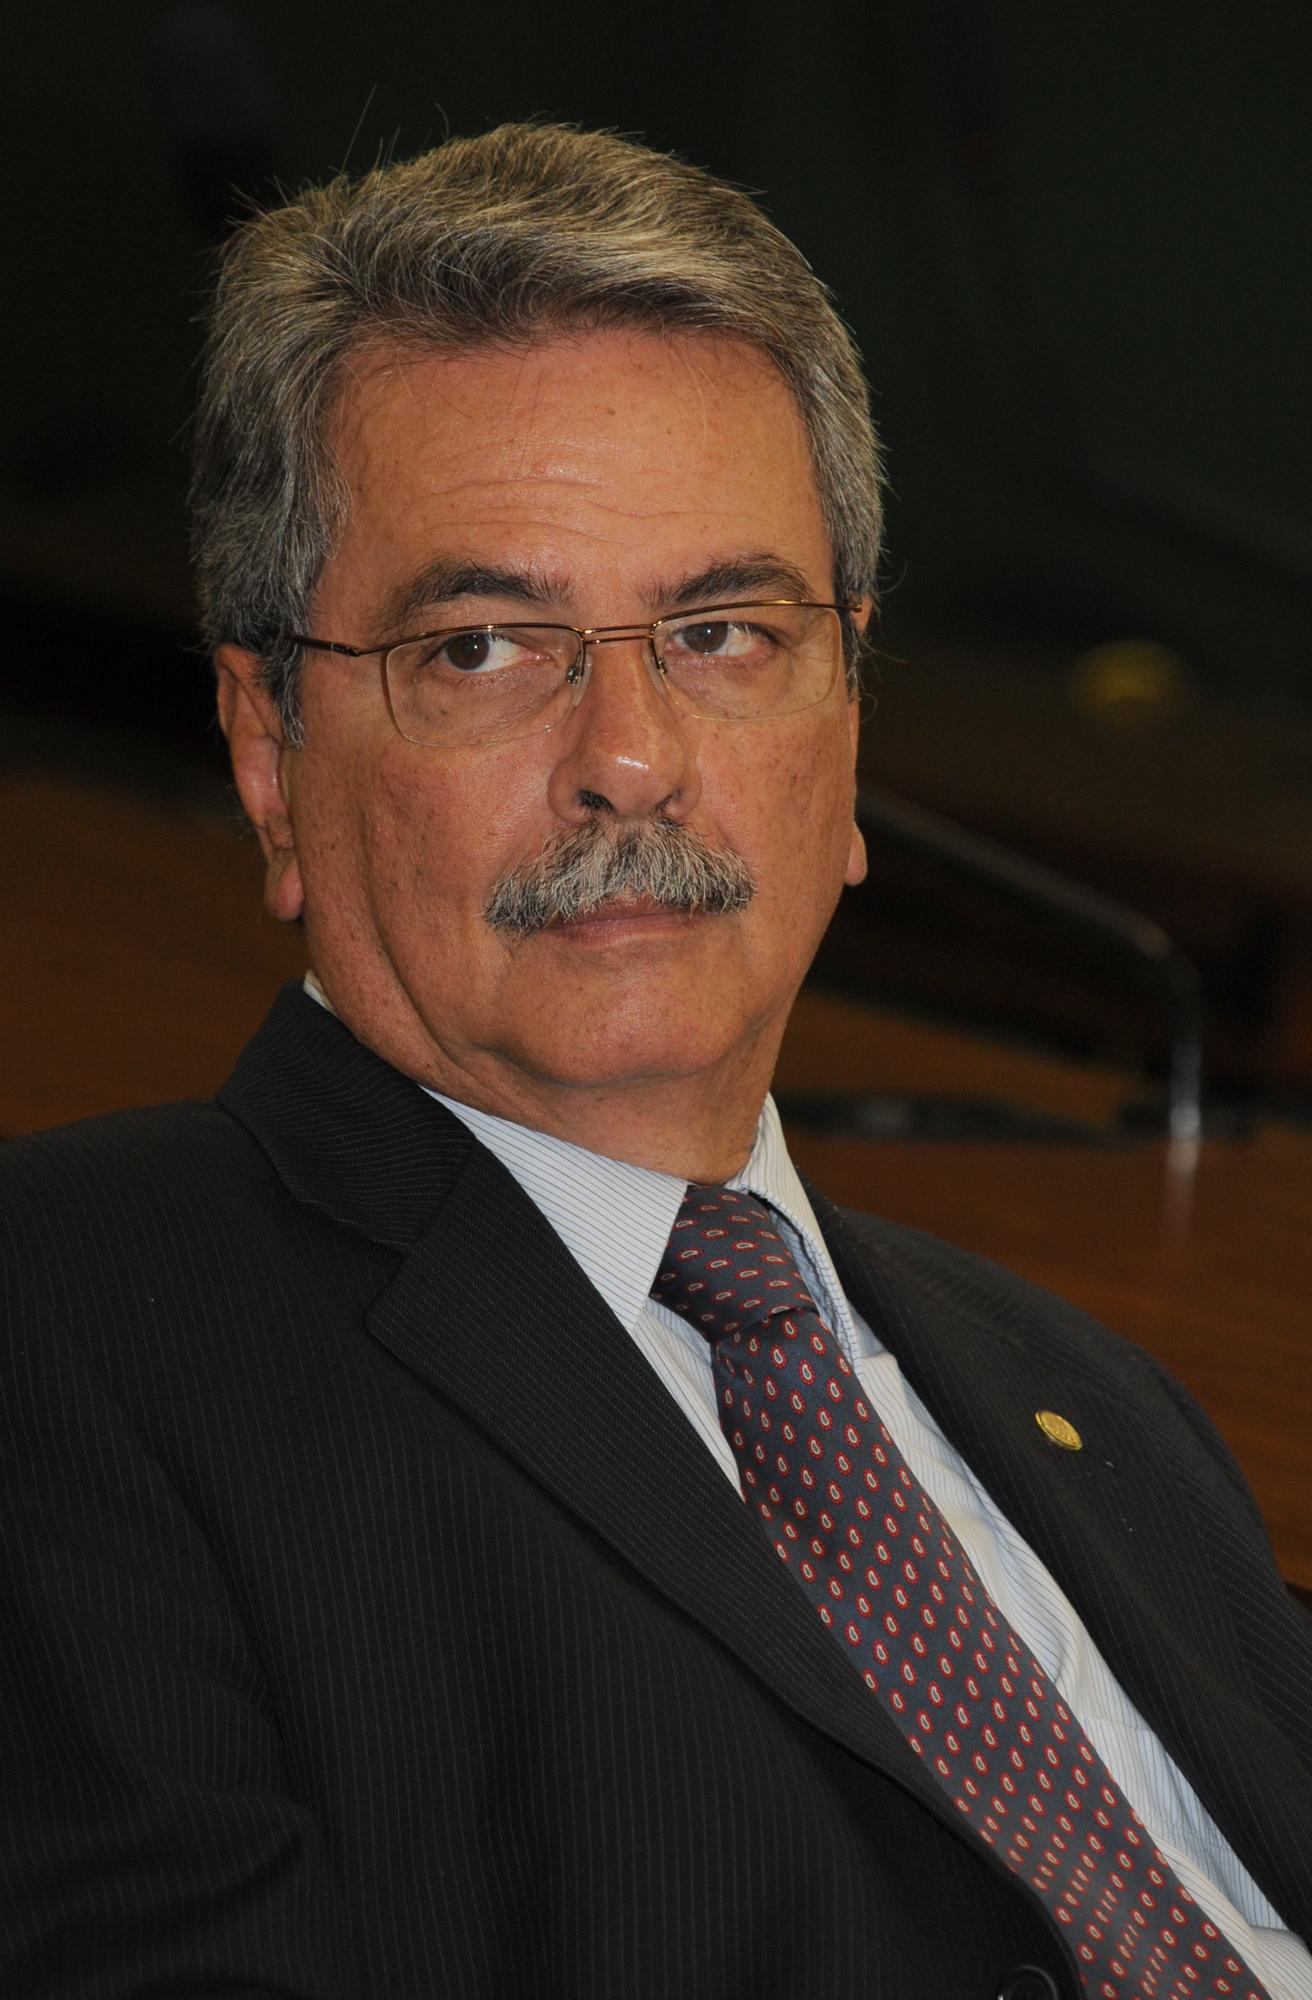 Veja o que saiu no Migalhas sobre Antonio Carlos Pannunzio